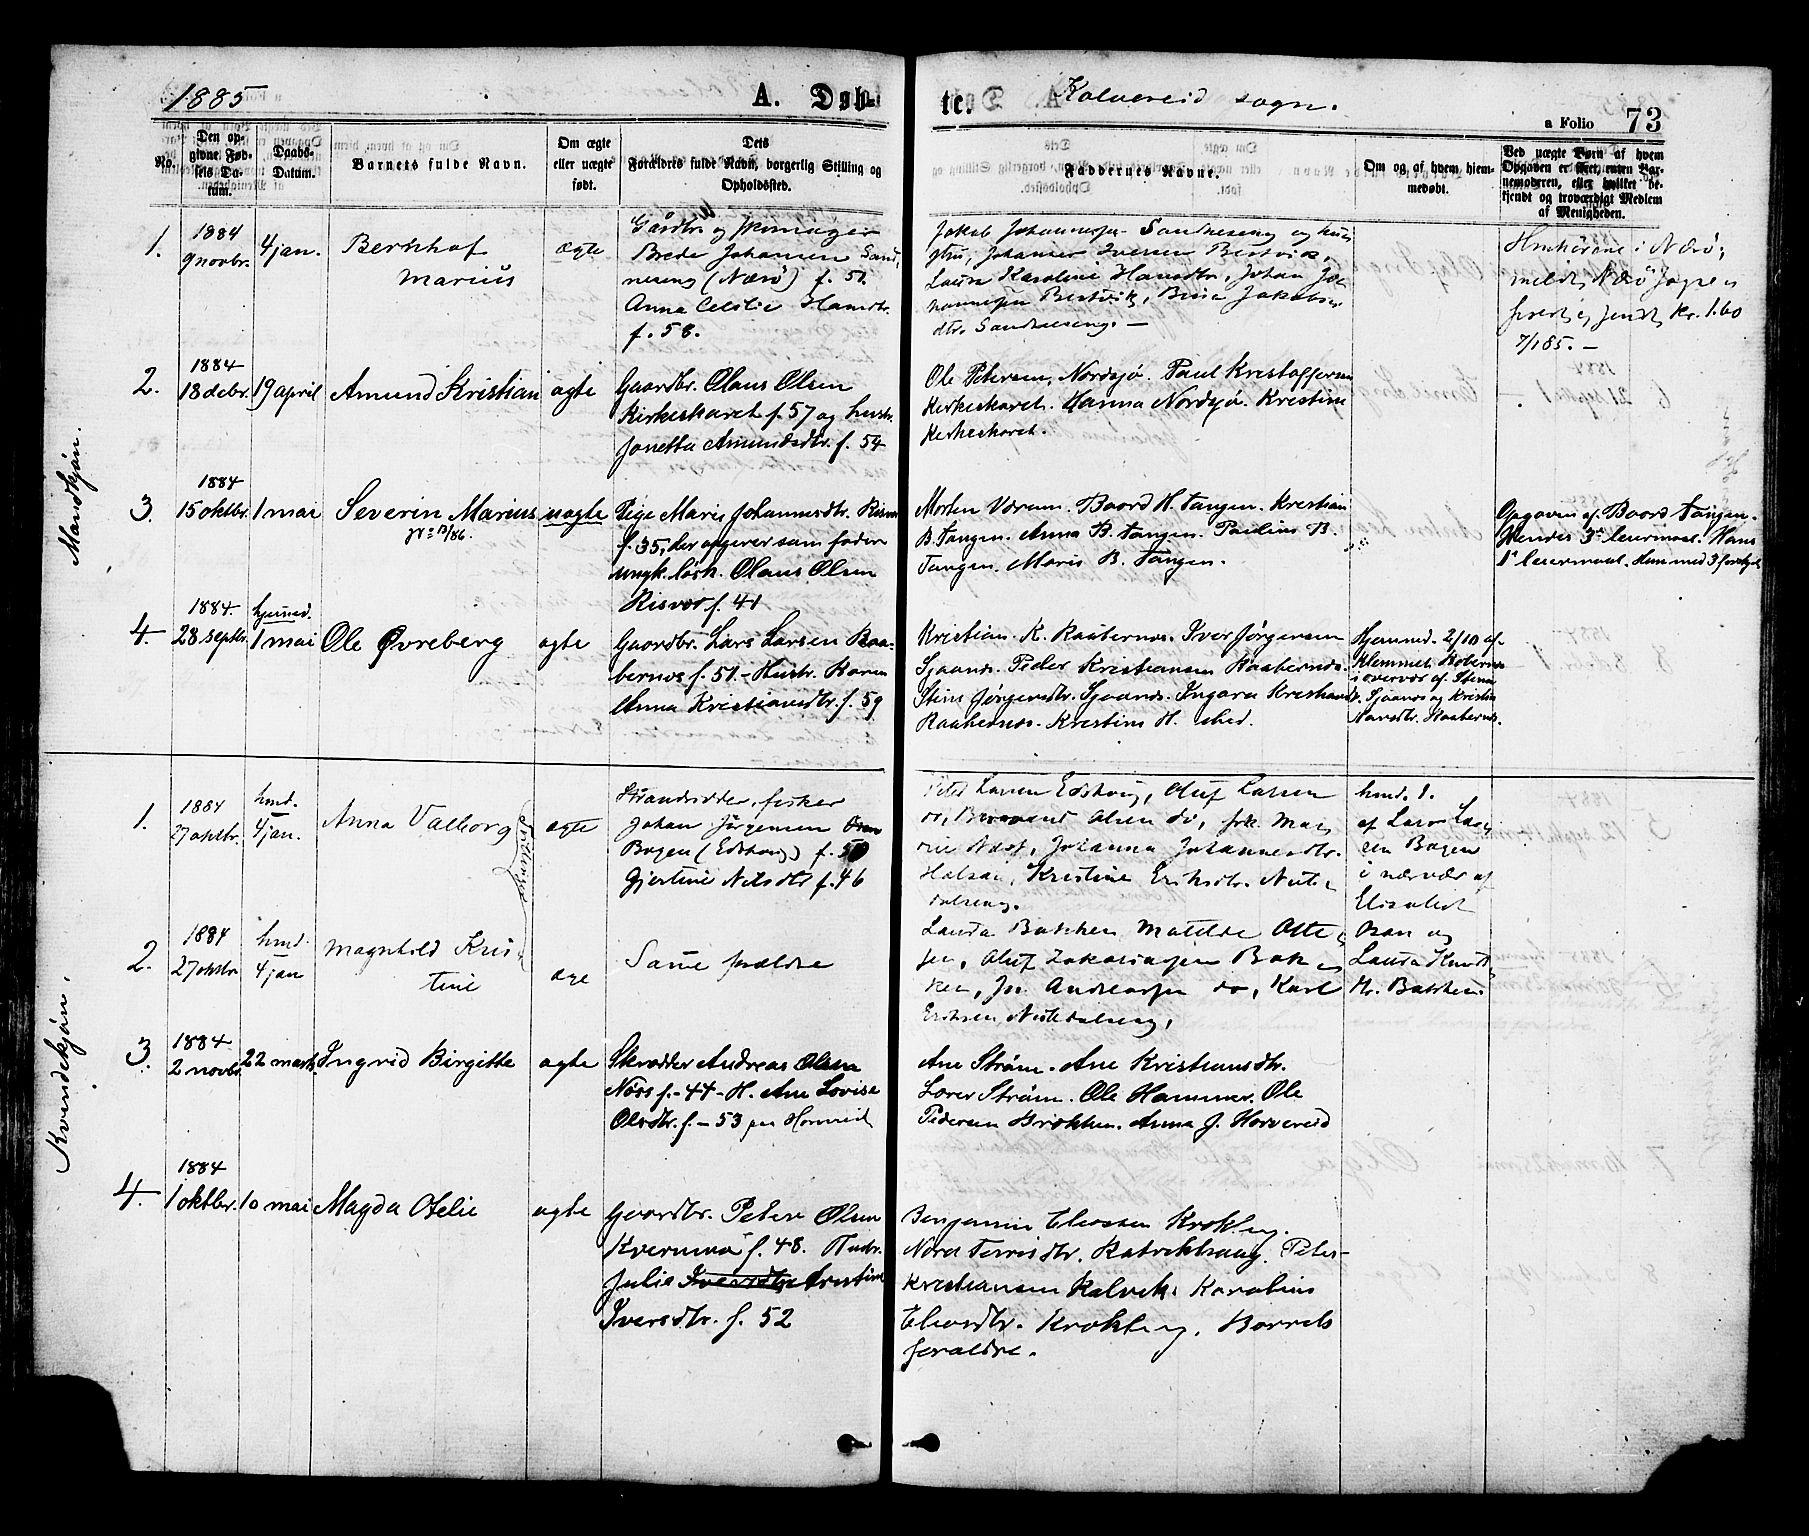 SAT, Ministerialprotokoller, klokkerbøker og fødselsregistre - Nord-Trøndelag, 780/L0642: Ministerialbok nr. 780A07 /1, 1874-1885, s. 73